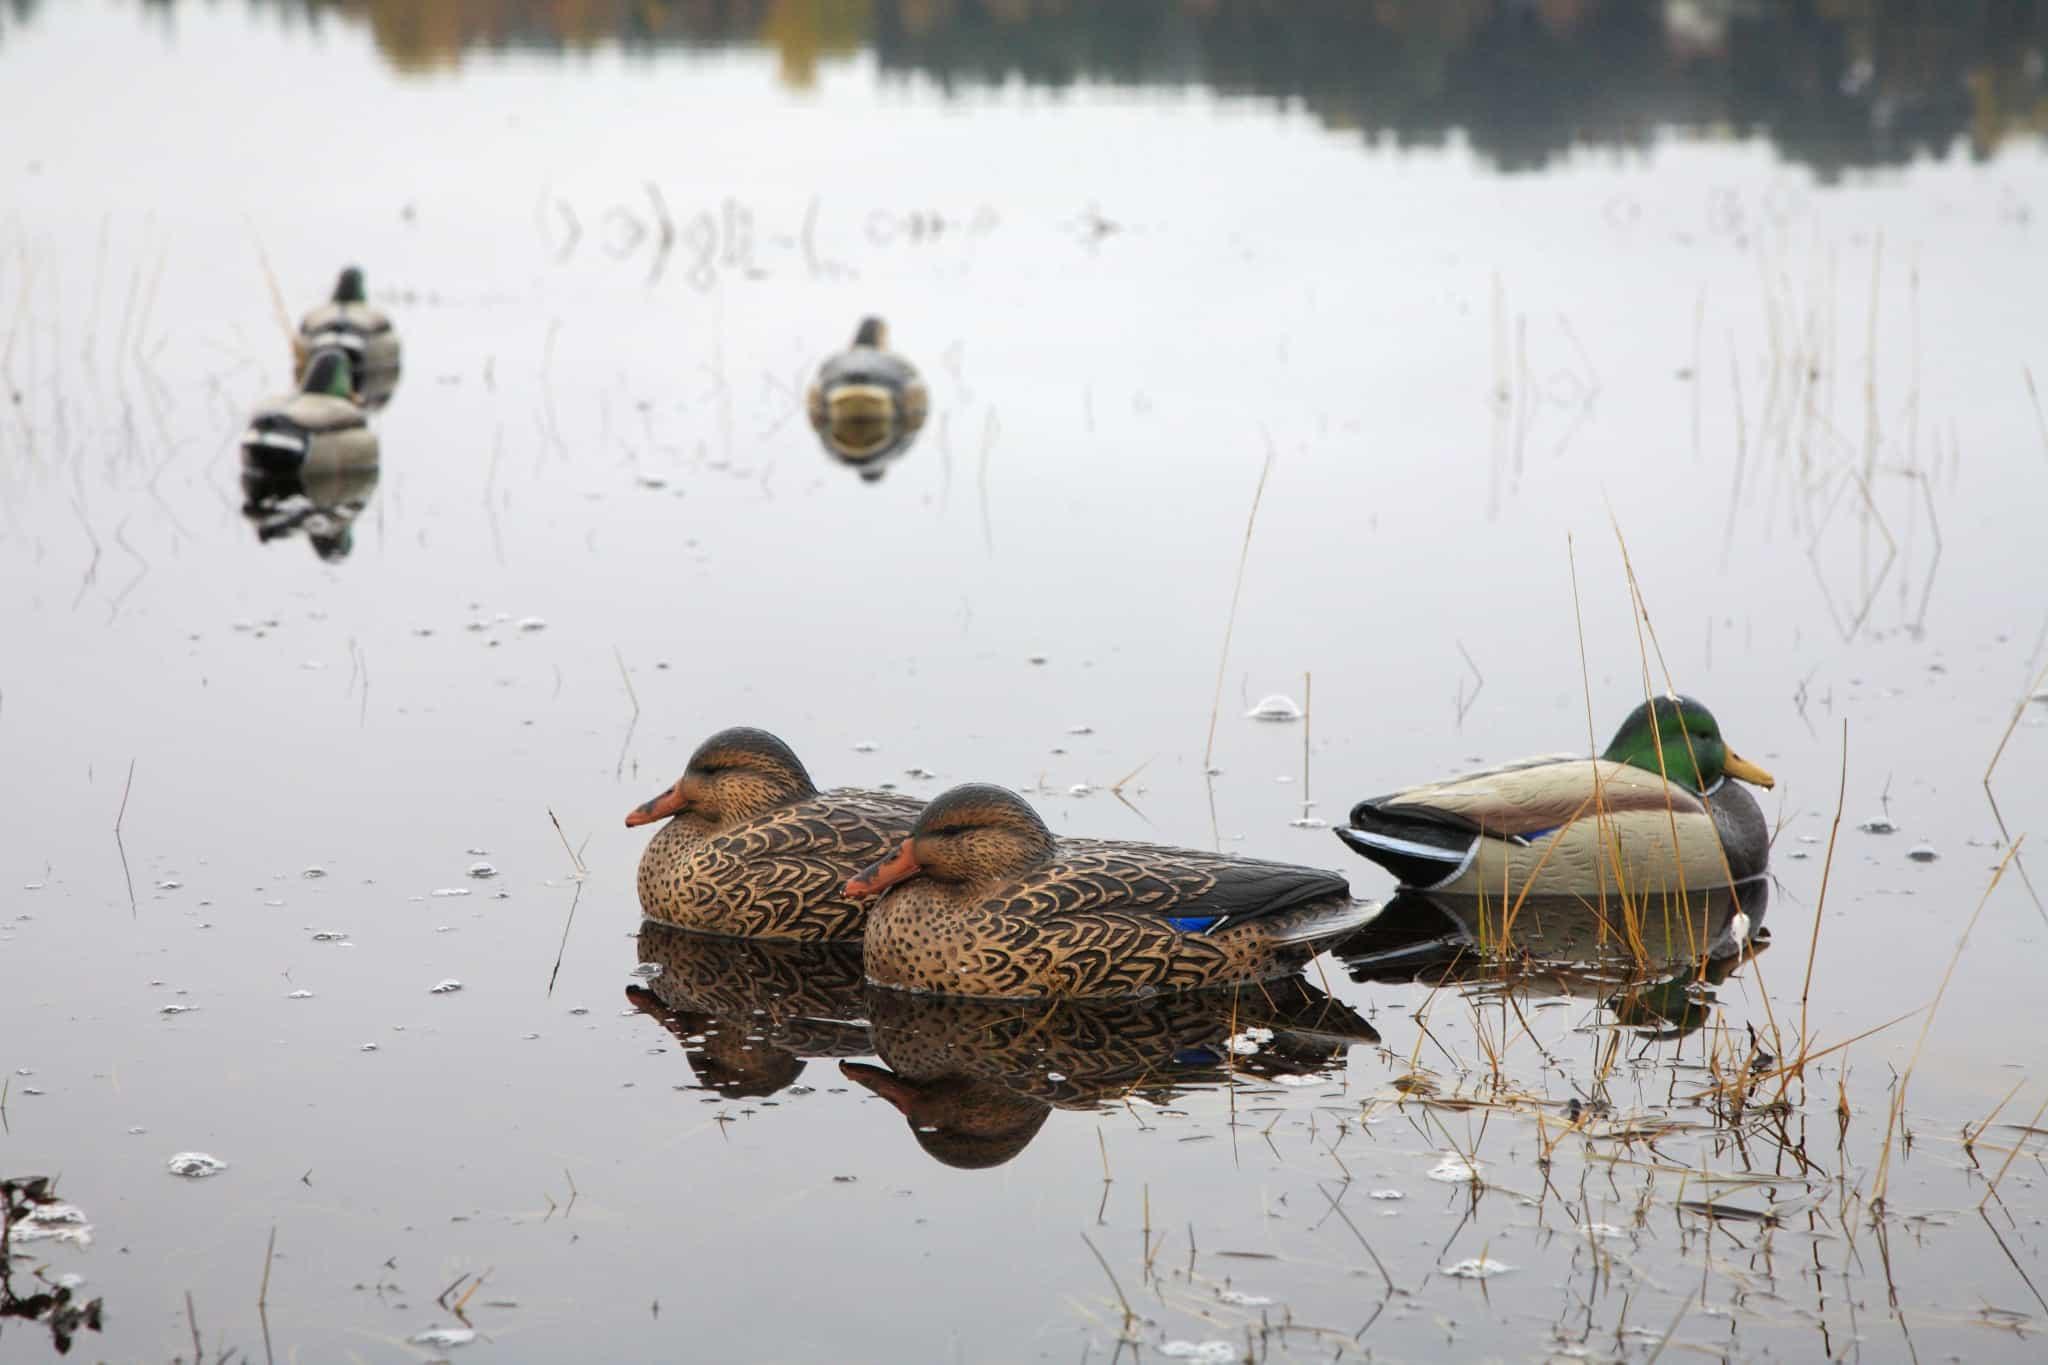 Vid jakt över grunda vatten får inte blyhagel användas. Det vanligaste alternativet är stål.